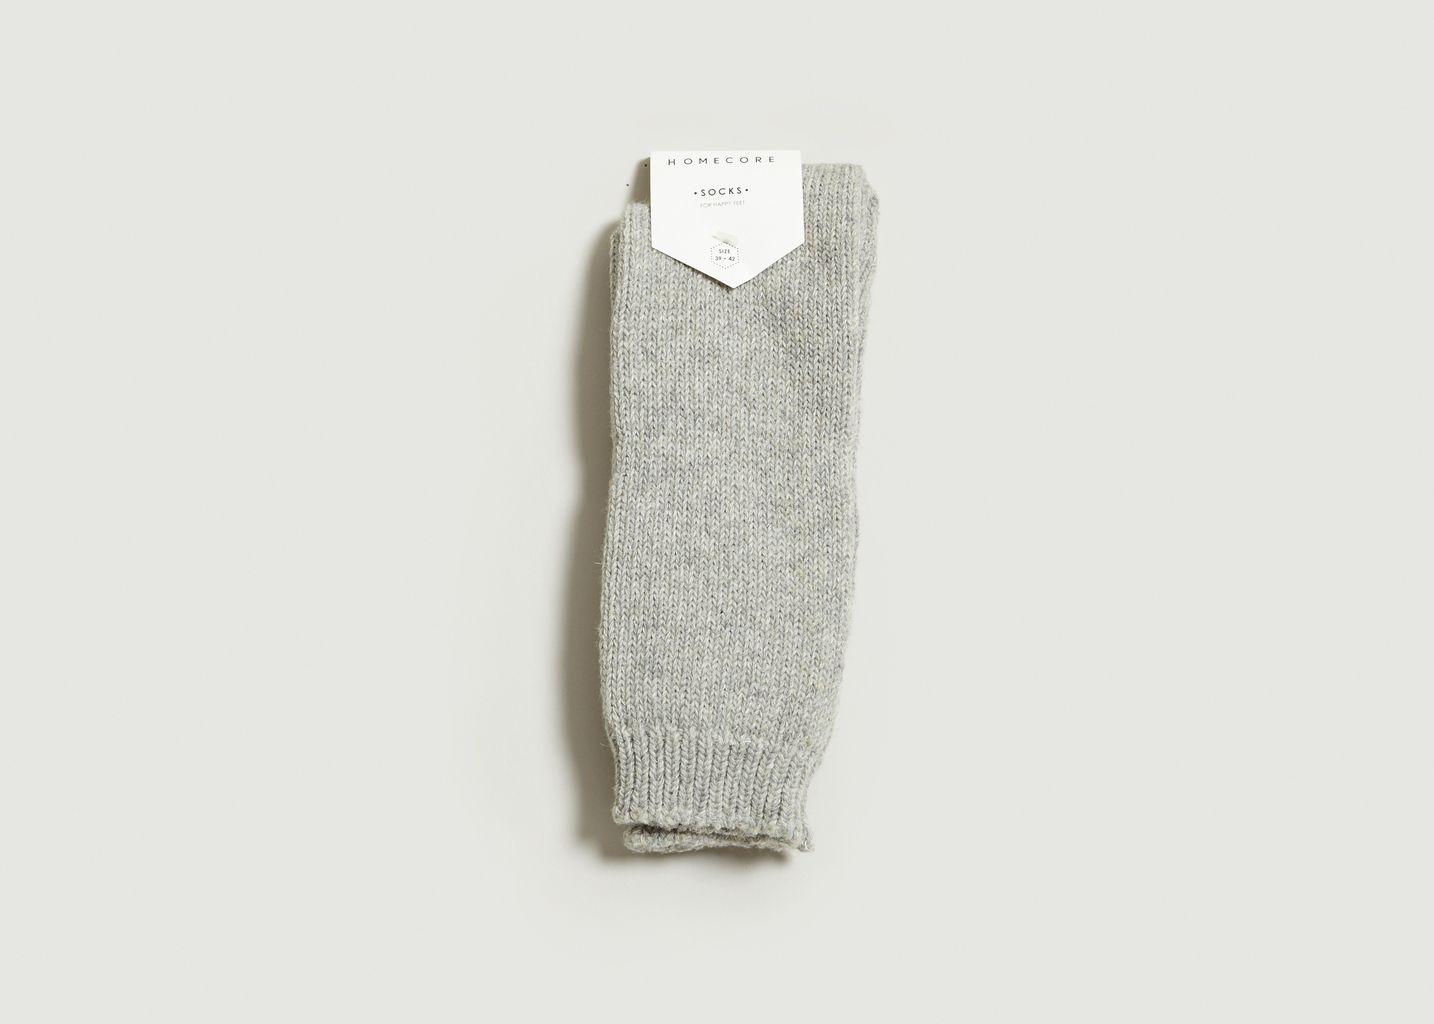 Chaussettes en Laine - Homecore